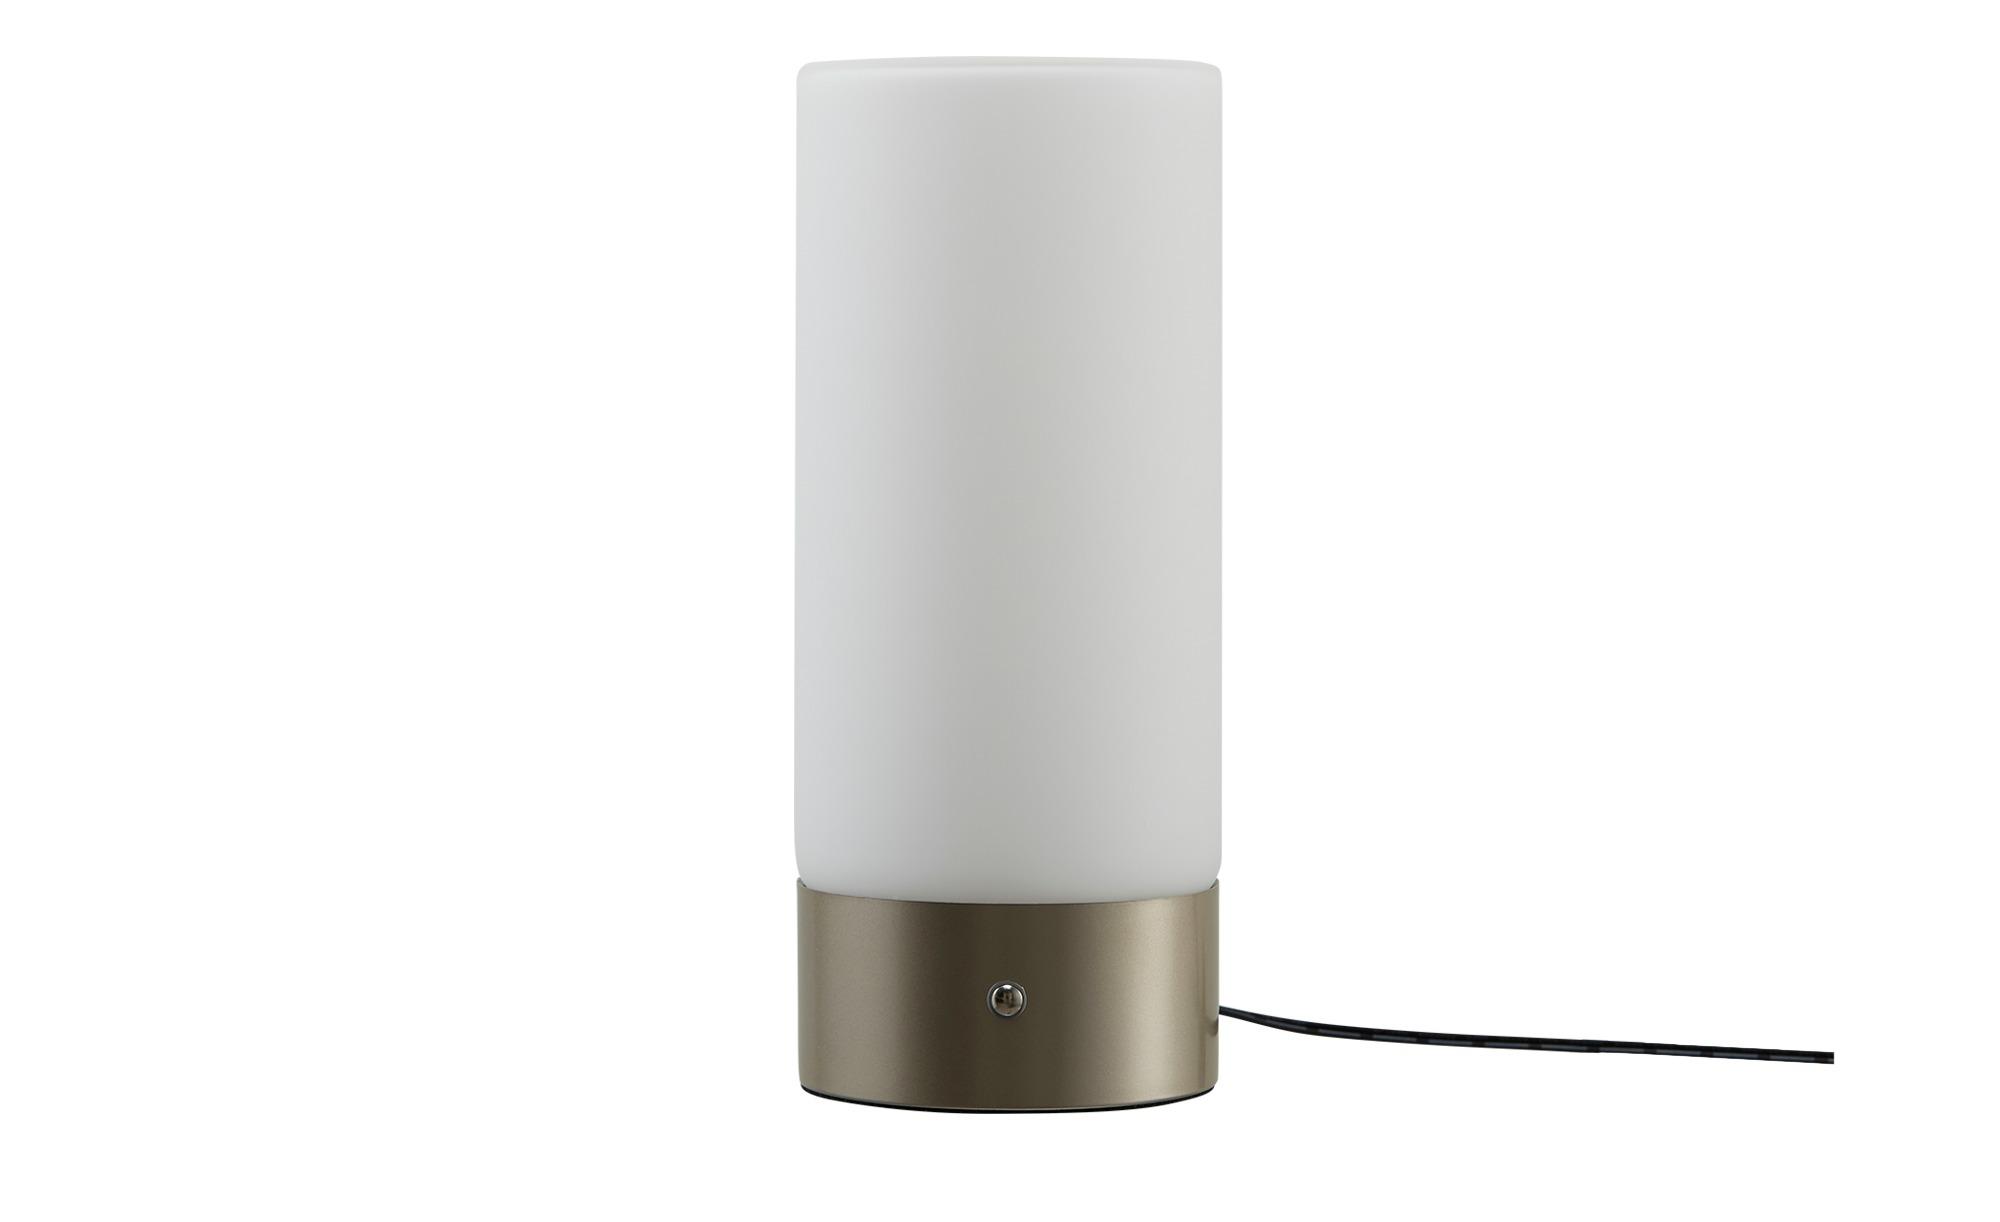 KHG LED-Tischleuchte, 1-flammig, Zylinderform ¦ silber ¦ Maße (cm): B: 10 H: 24 Lampen & Leuchten > Innenleuchten > Tischlampen - Höffner